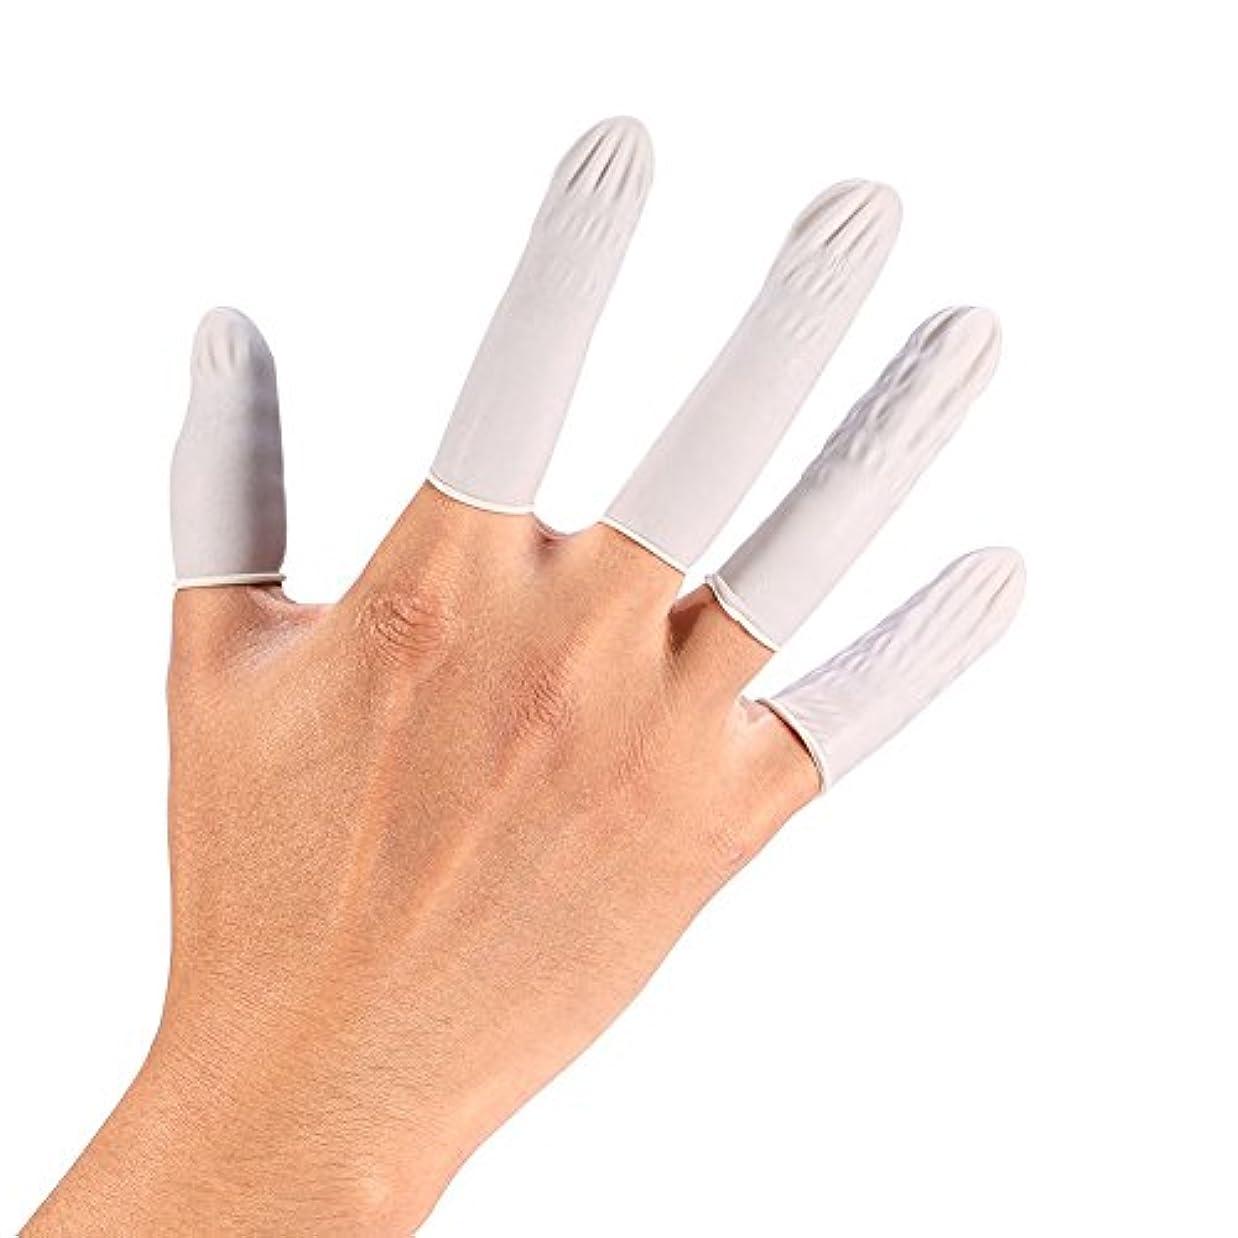 瞑想するスカリーマディソンHEALLILY 使い捨てジェルフィンガープロテクターラテックスフィンガーベビーベッドフィンガーカバーフィンガーキャップフィンガースリーブ(ホワイト)